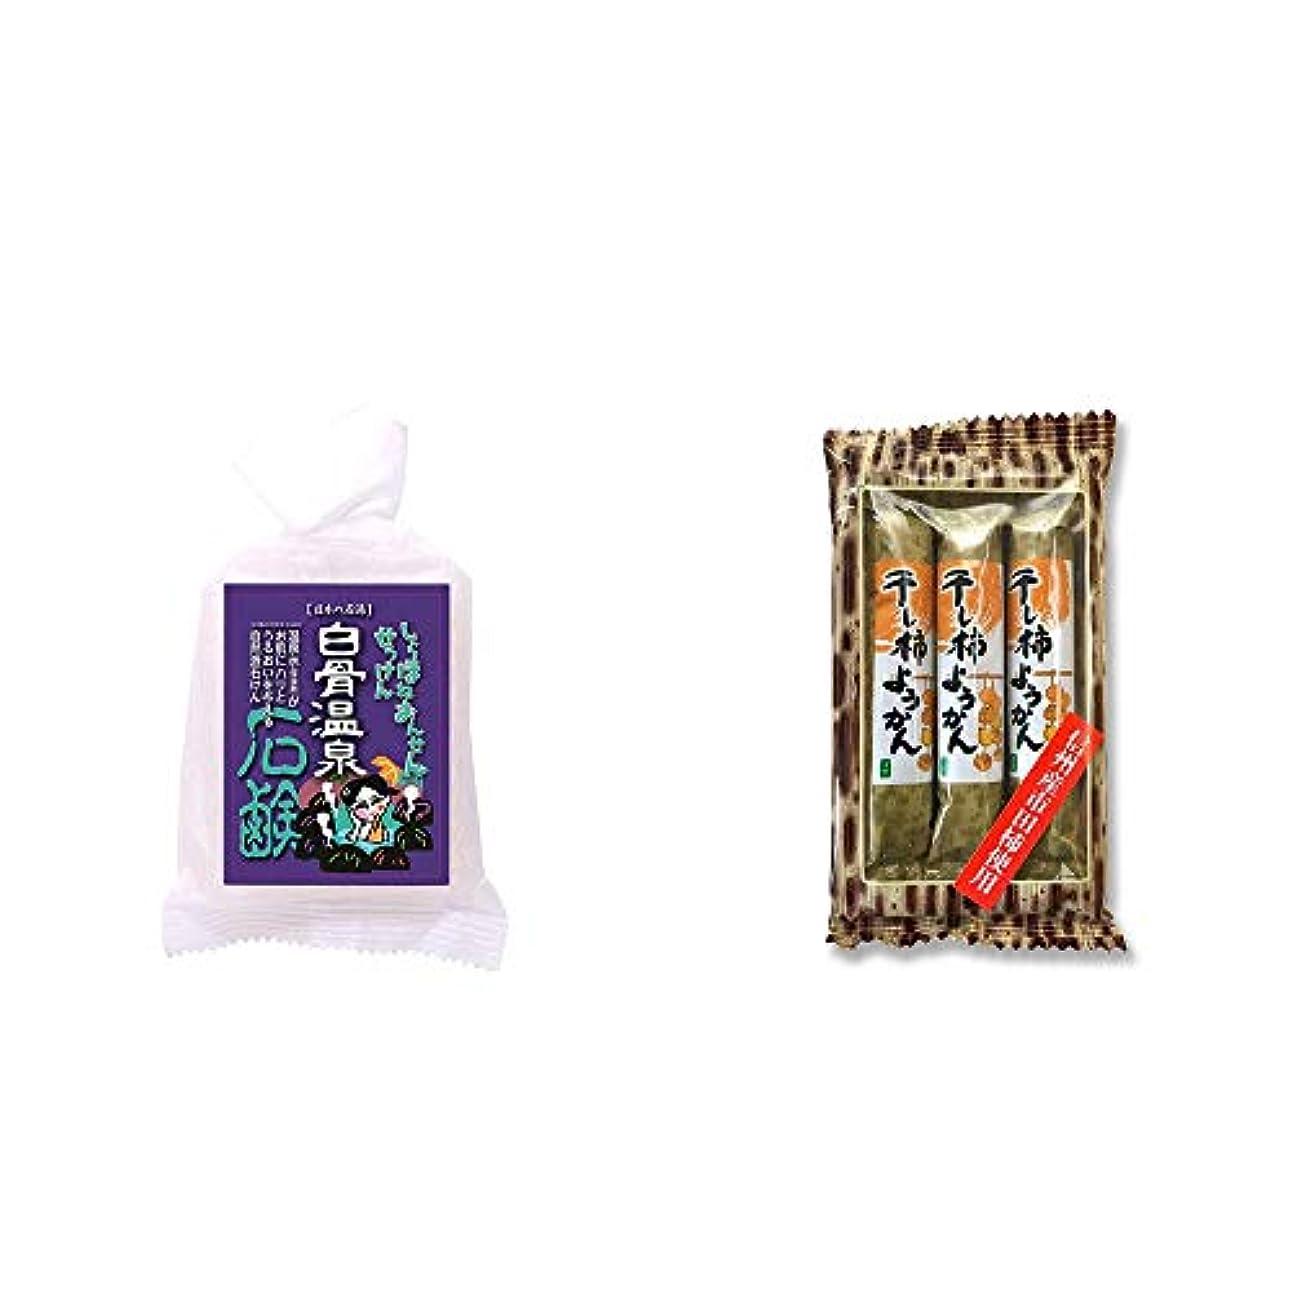 静かに閉塞トチの実の木[2点セット] 信州 白骨温泉石鹸(80g)?信州産市田柿使用 スティックようかん[柿](50g×3本)